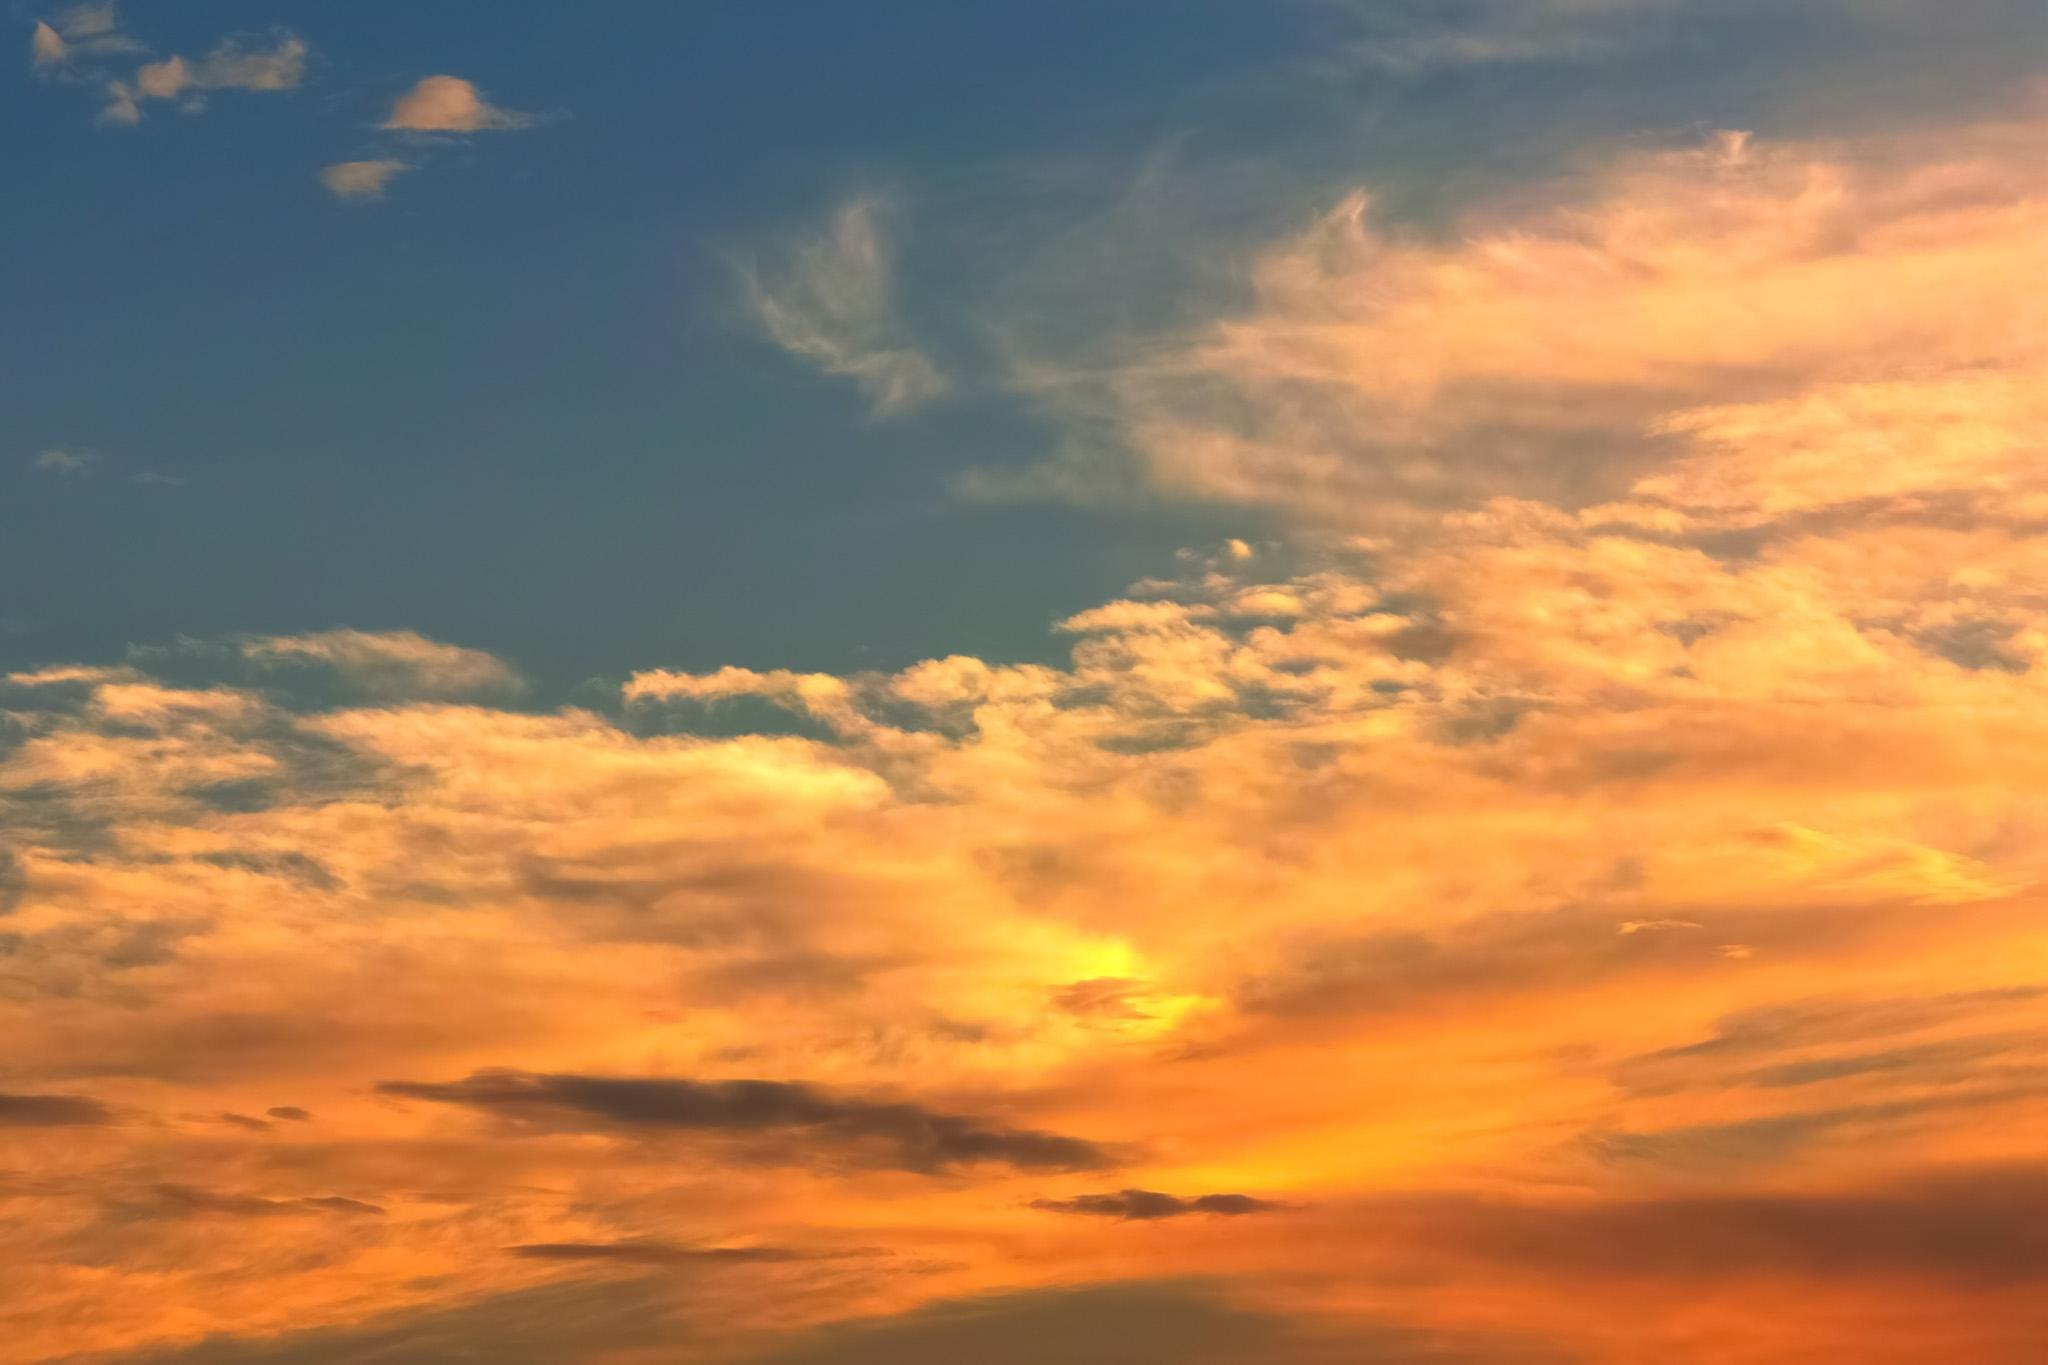 「黄金色の雲が彩る夕焼け」の写真素材を無料ダウンロード